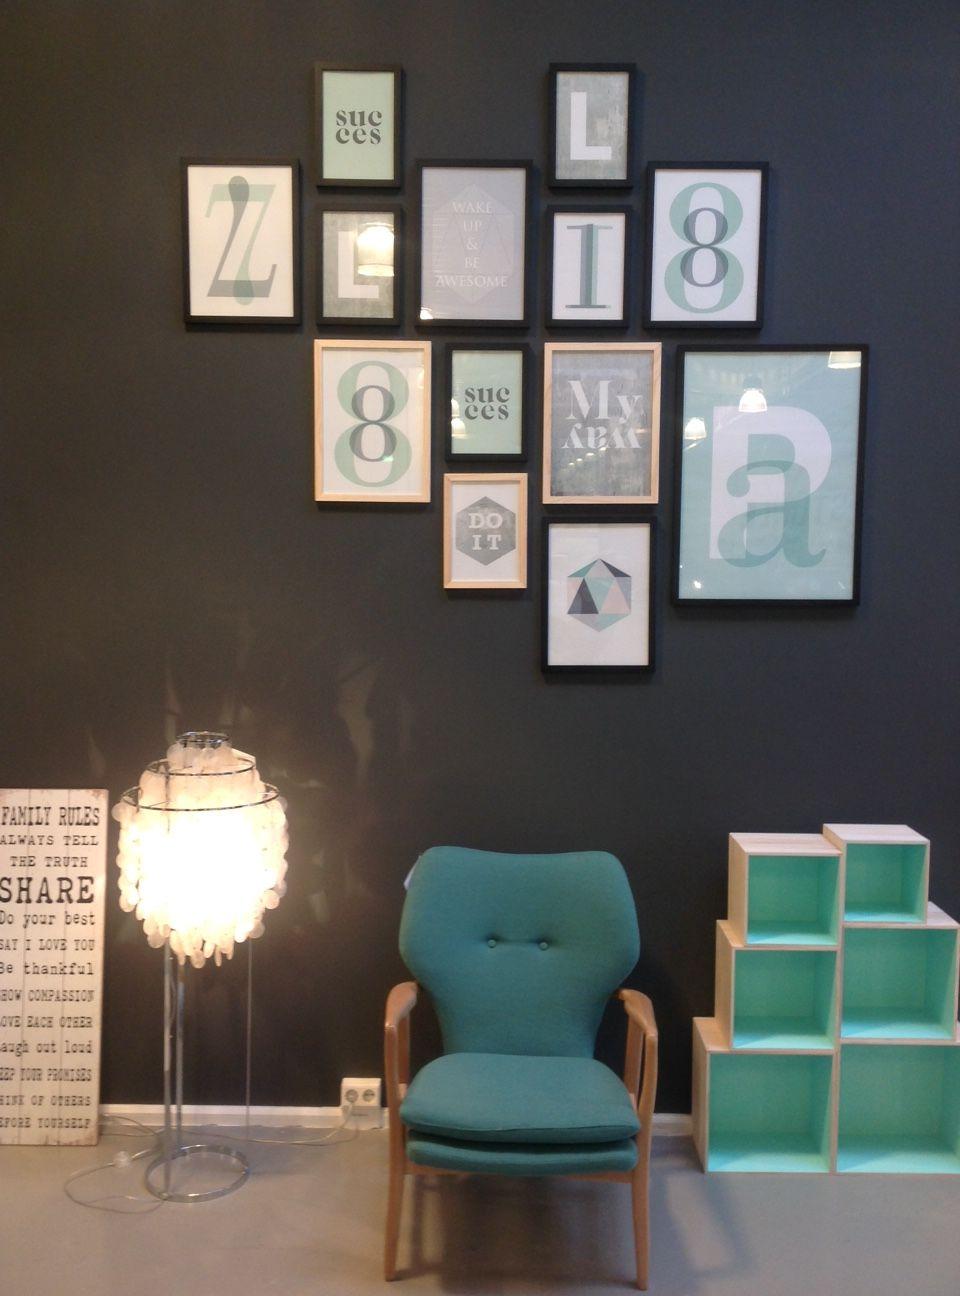 Wir Wollten Eine Wand In Unserem Showroom Streichen Und Die Neuen  Bilderrahmen Von Sinnerup Mit Den Tollen Prints An Dieser Wand Präsentieren.